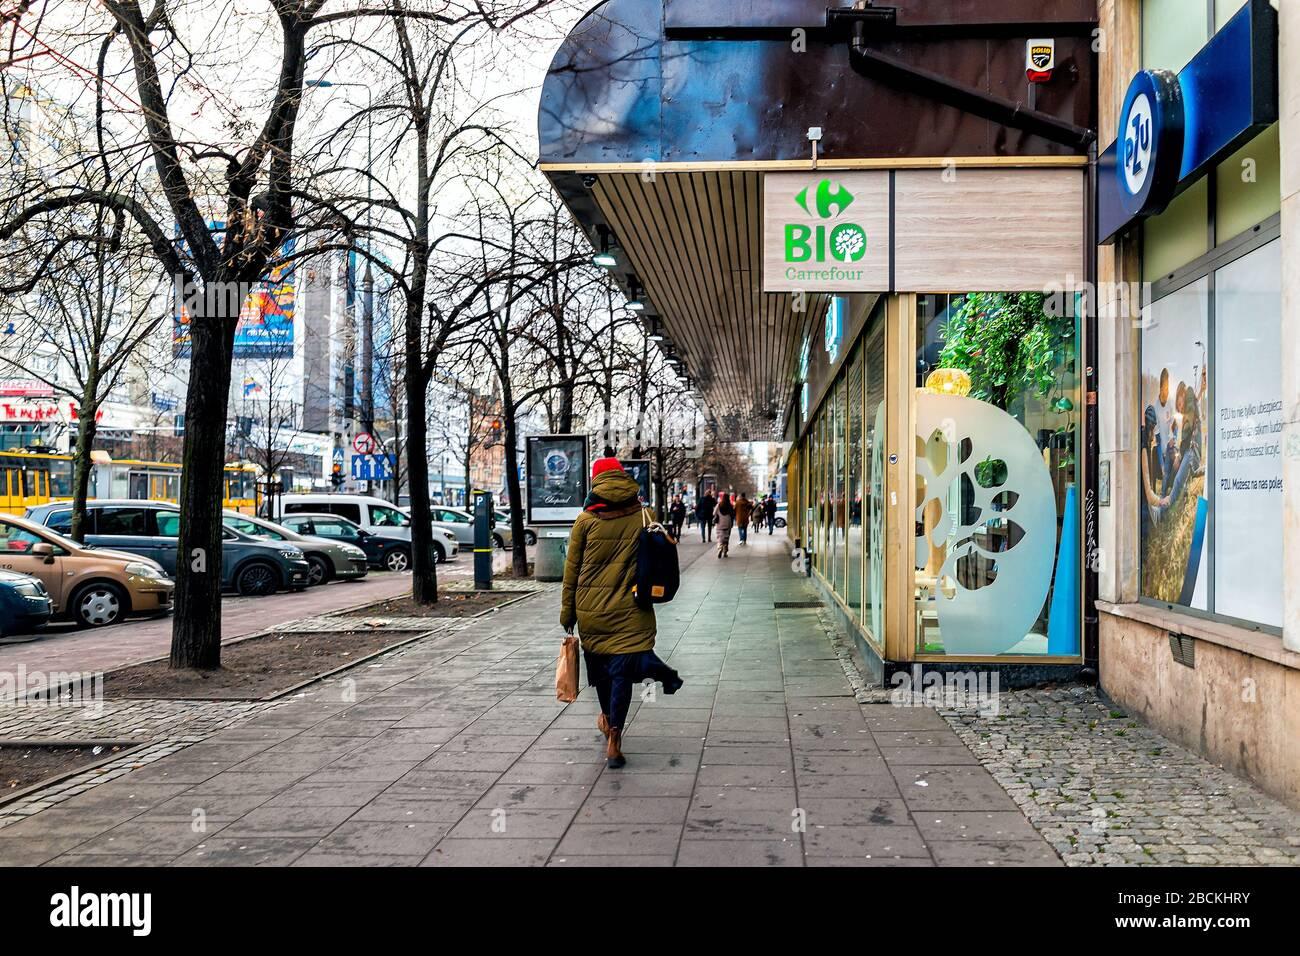 Varsovie, Pologne - 22 janvier 2019: Panneau pour Carrefour bio bio vert épicerie supermarché sur la rue dans le centre-ville et les gens à pied Banque D'Images